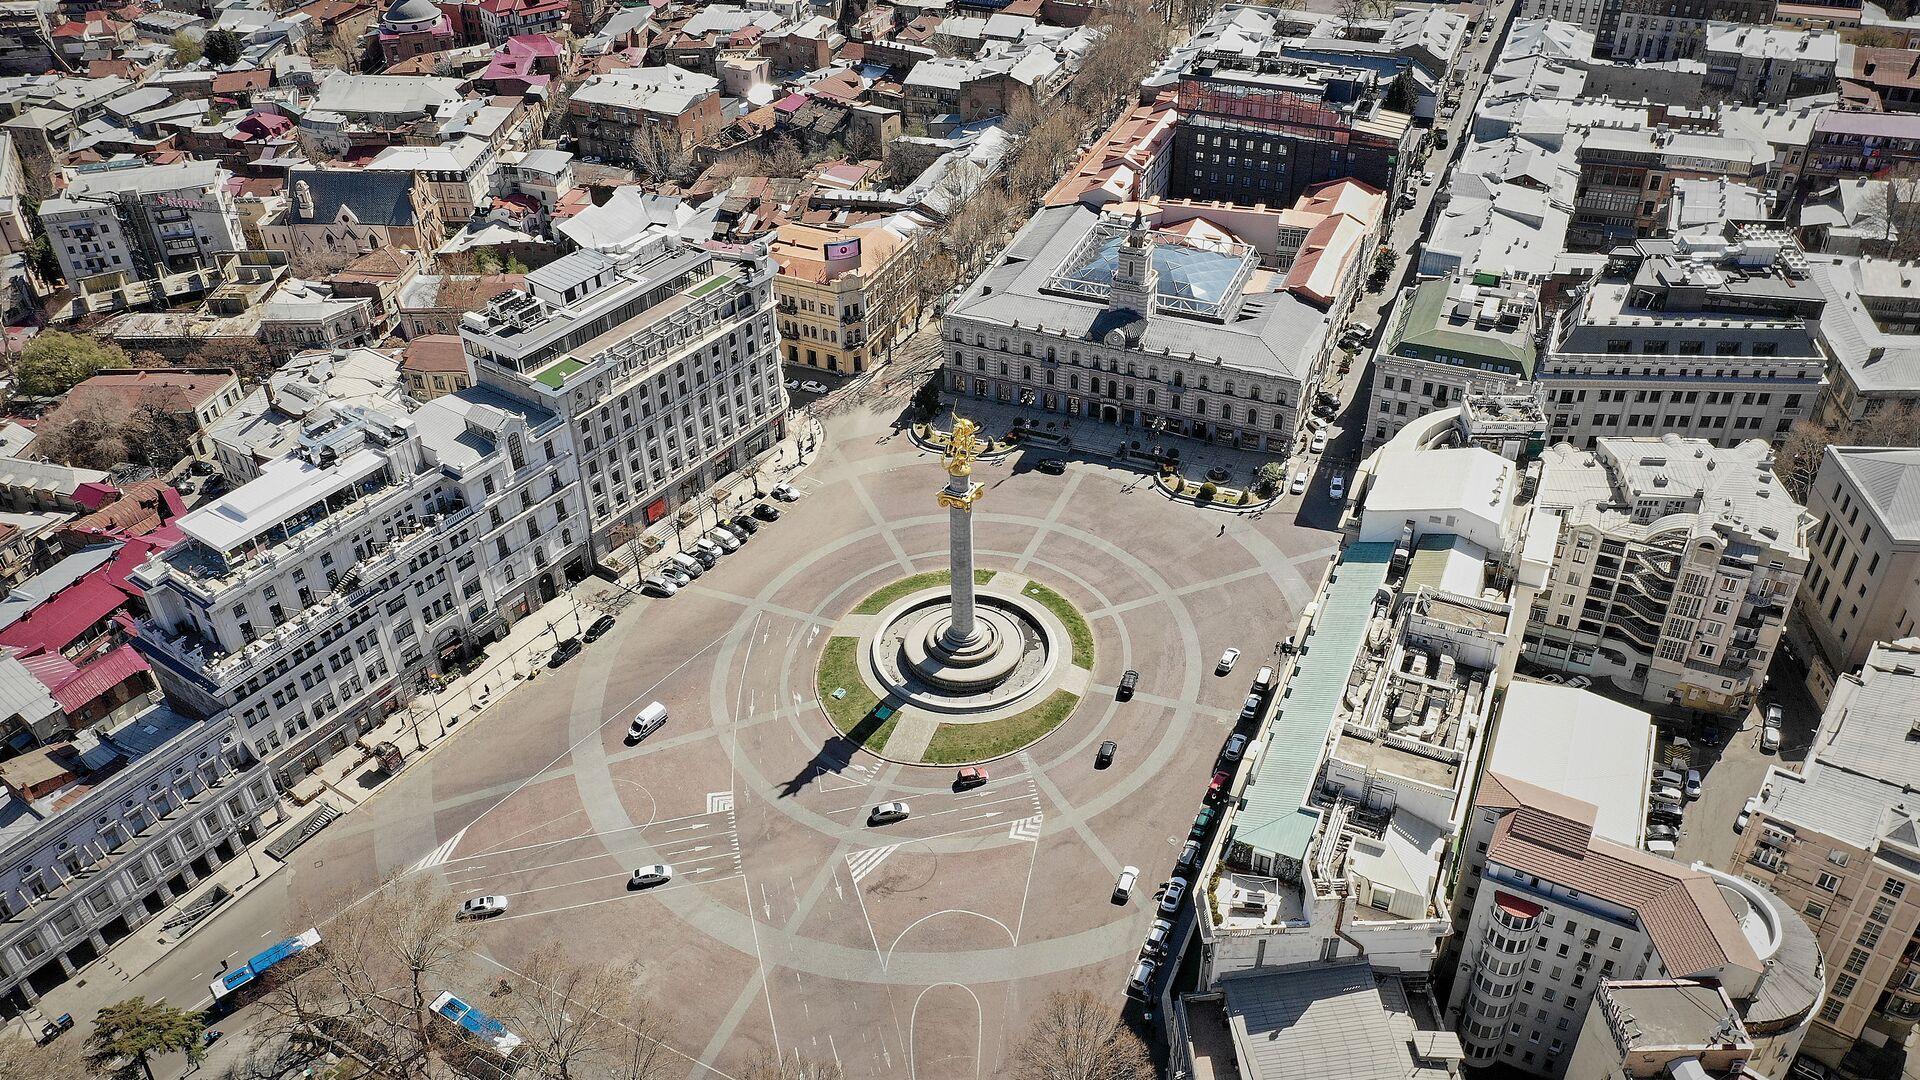 Пустые улицы Тбилиси во время карантина. Площадь Свободы. В Грузии борются с коронавирусом - Sputnik Грузия, 1920, 09.09.2021